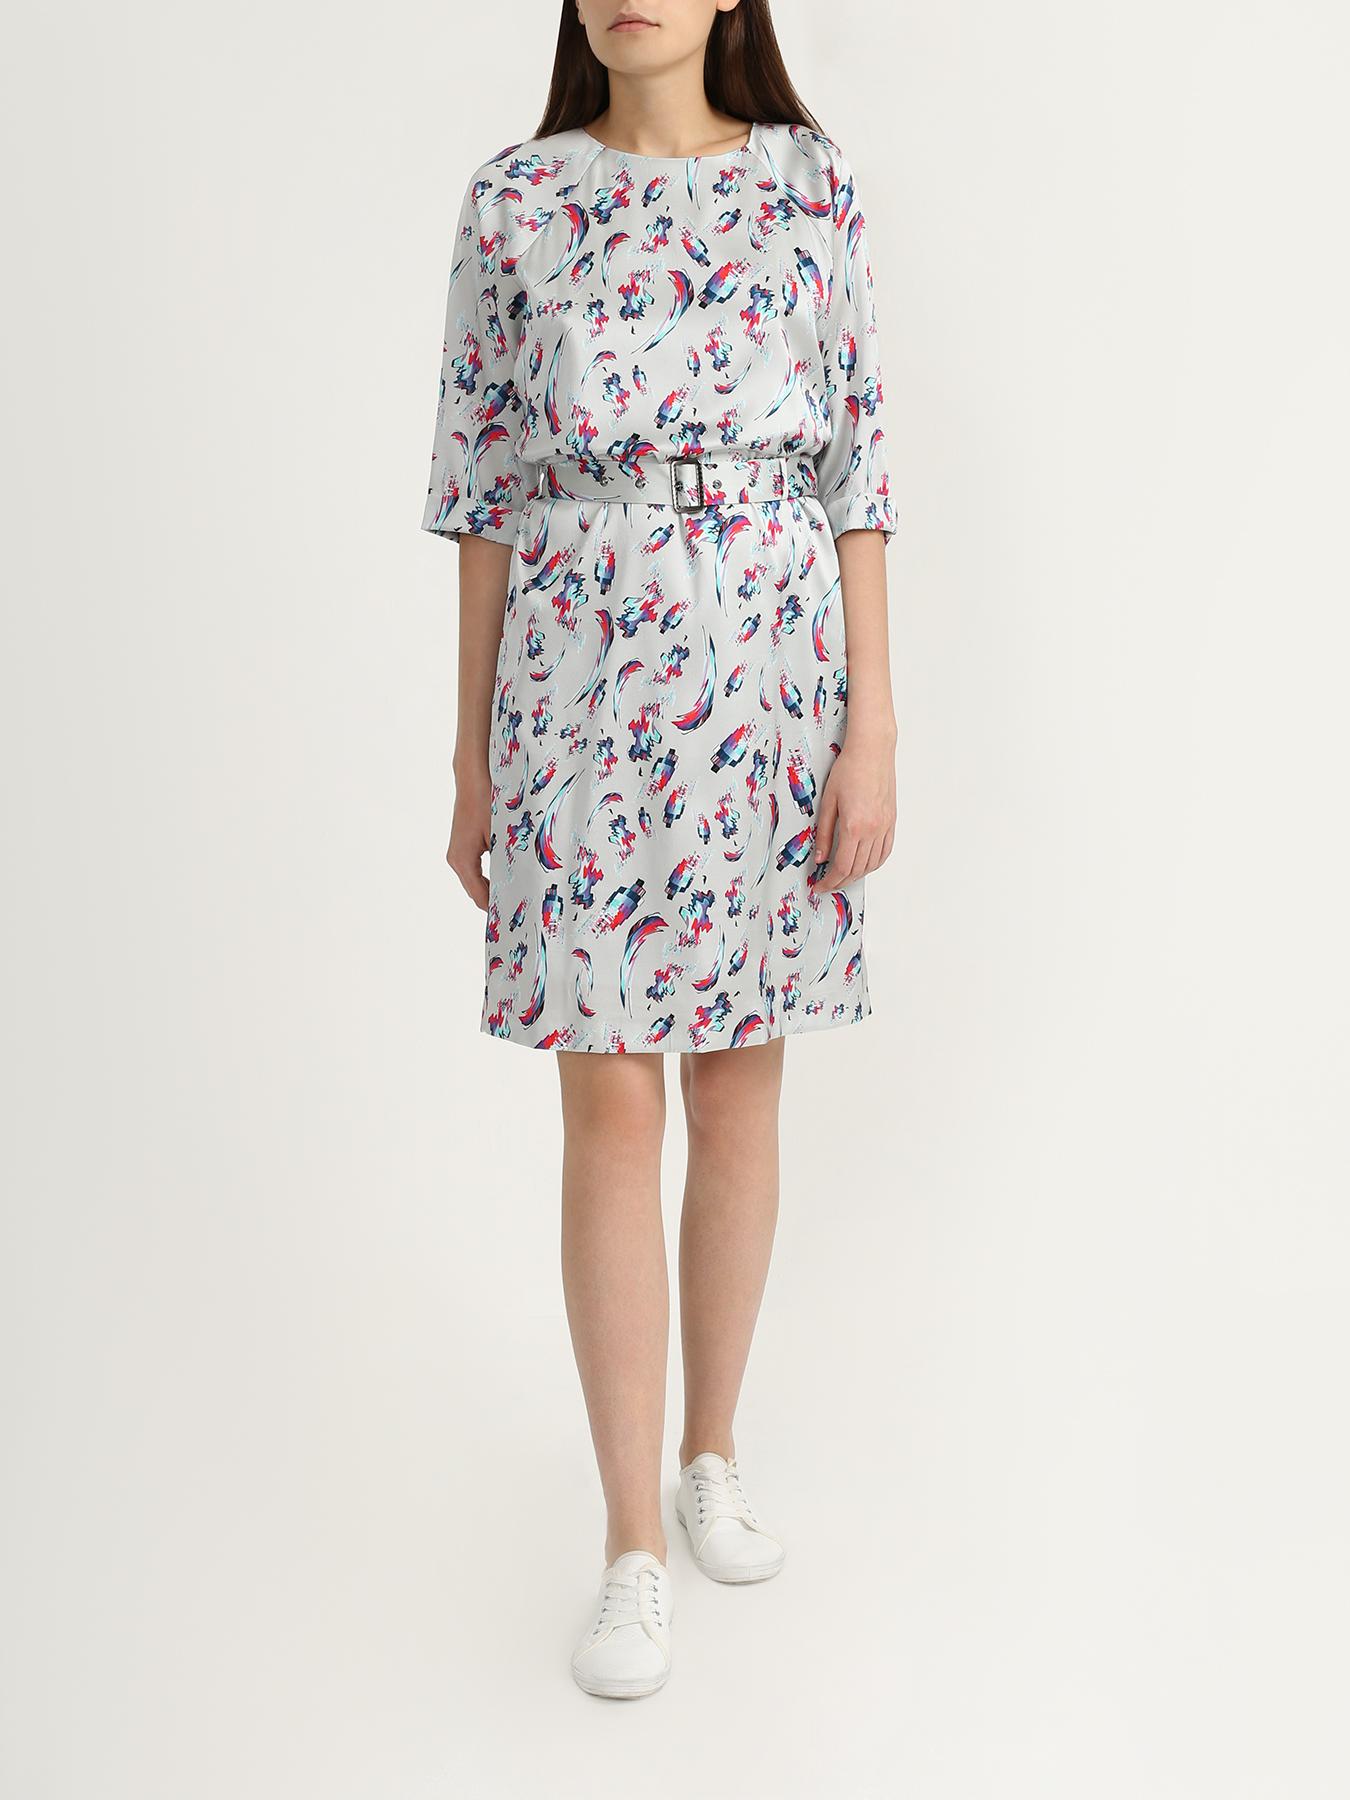 Платье Korpo Collezioni Шелковое платье с поясом полуприлегающее платье с длинным поясом cavo